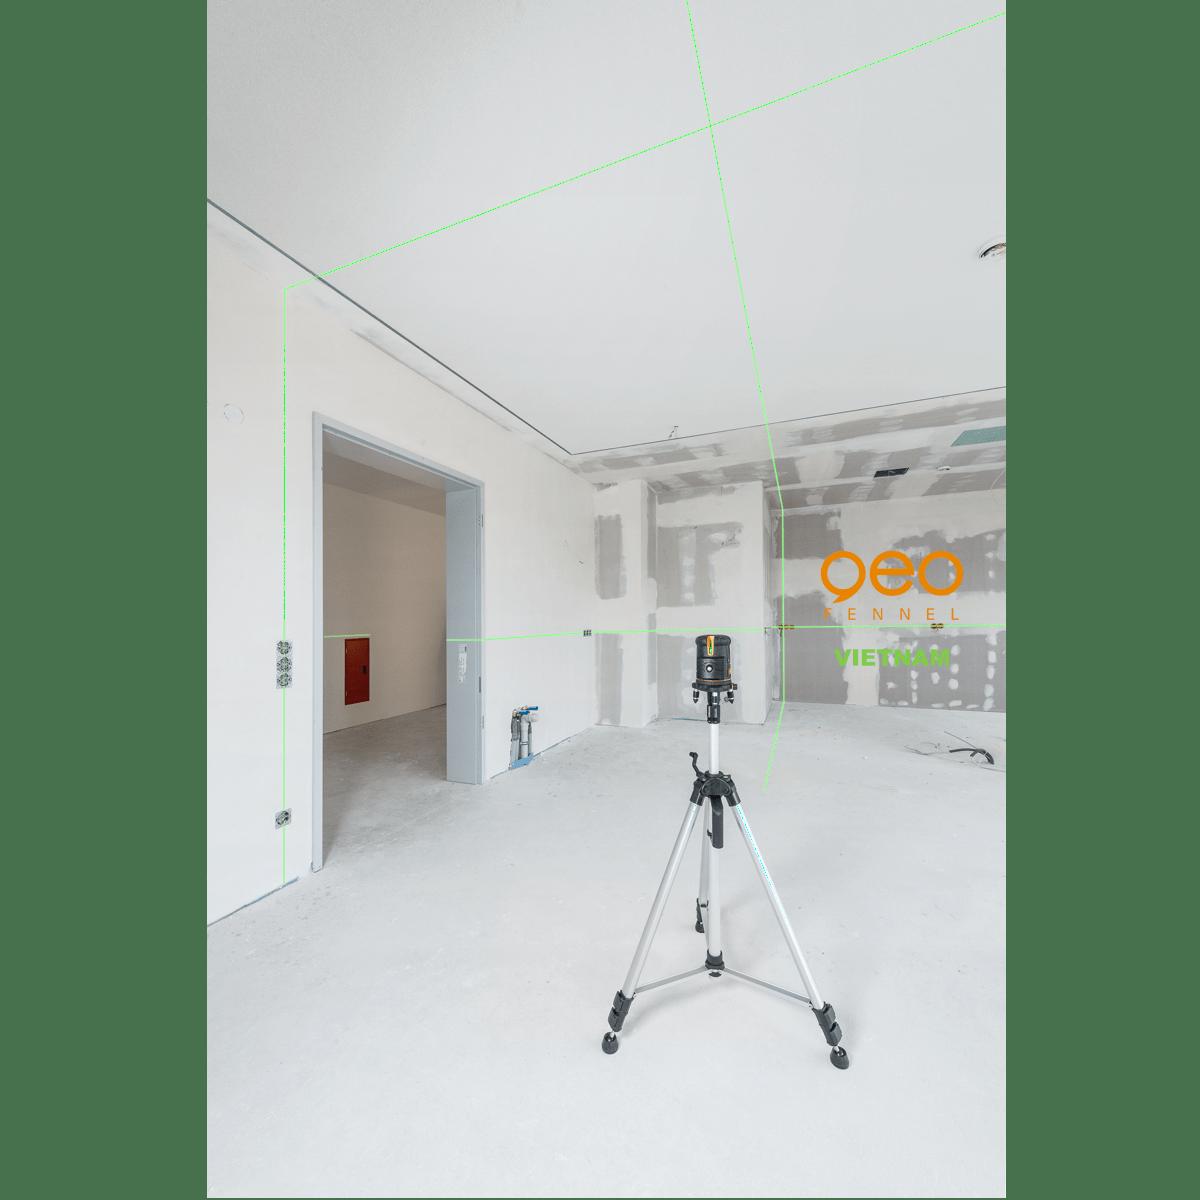 Máy laser xây dựng FLG66-Xtreme Green | Công trường 3